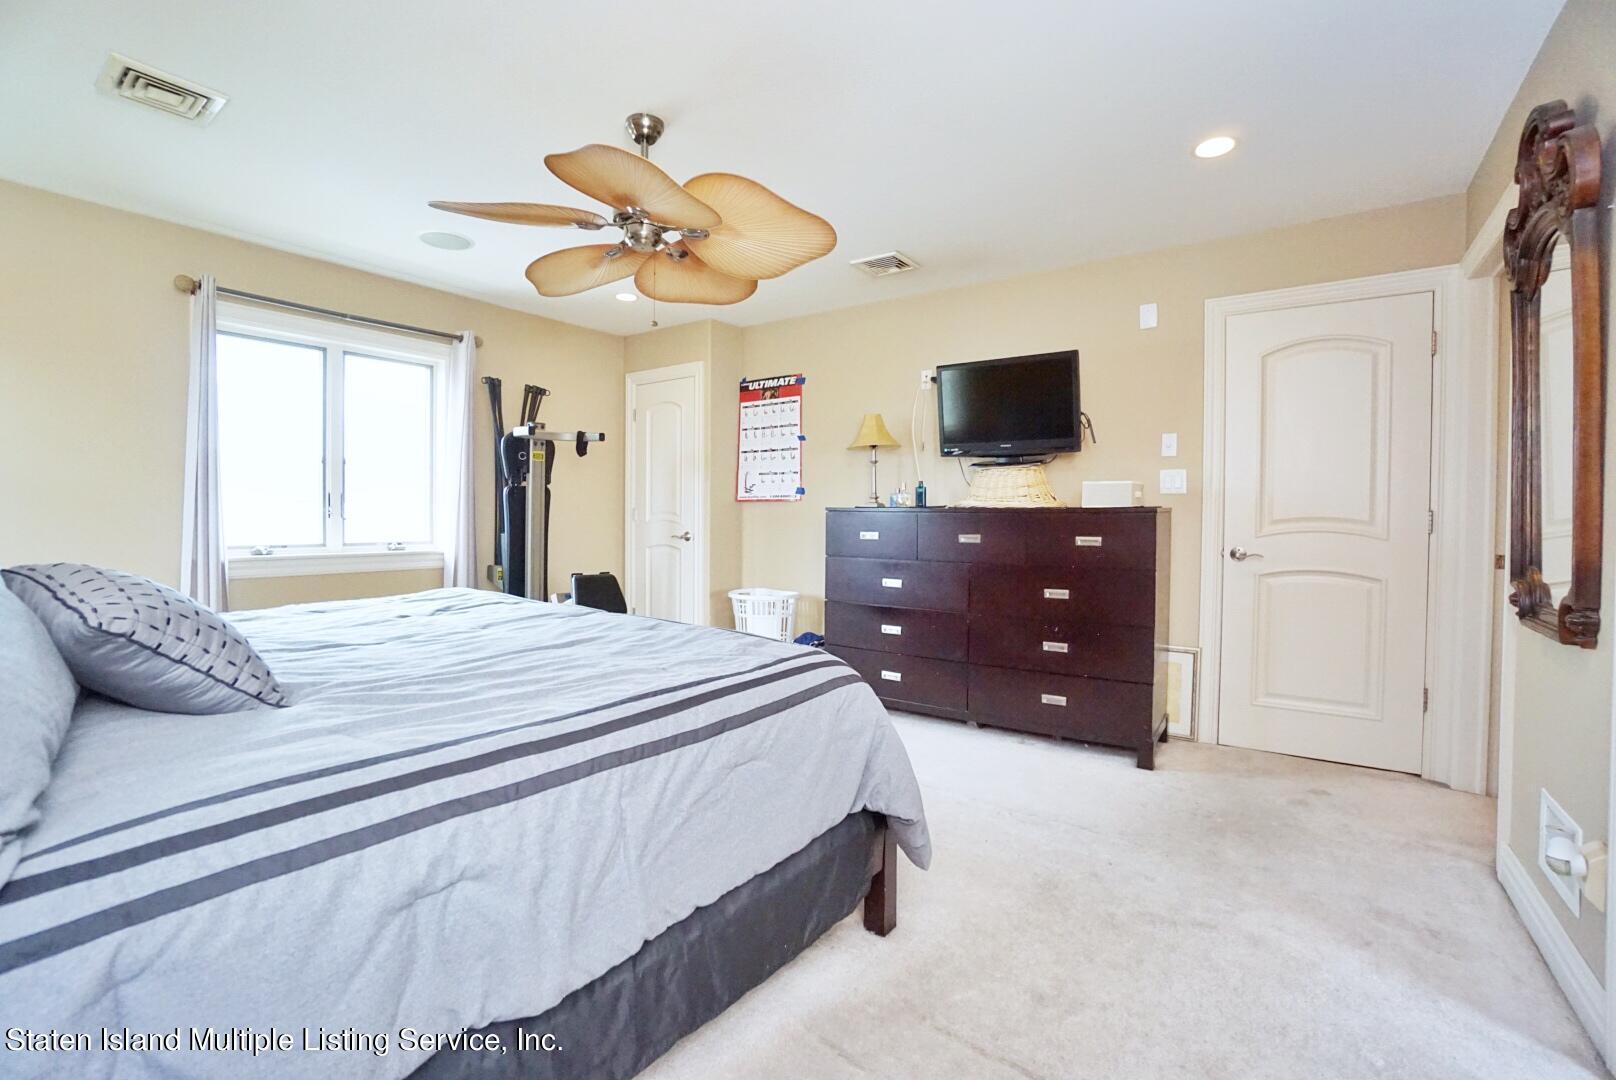 Single Family - Detached 206 Ramapo Avenue  Staten Island, NY 10309, MLS-1147193-19